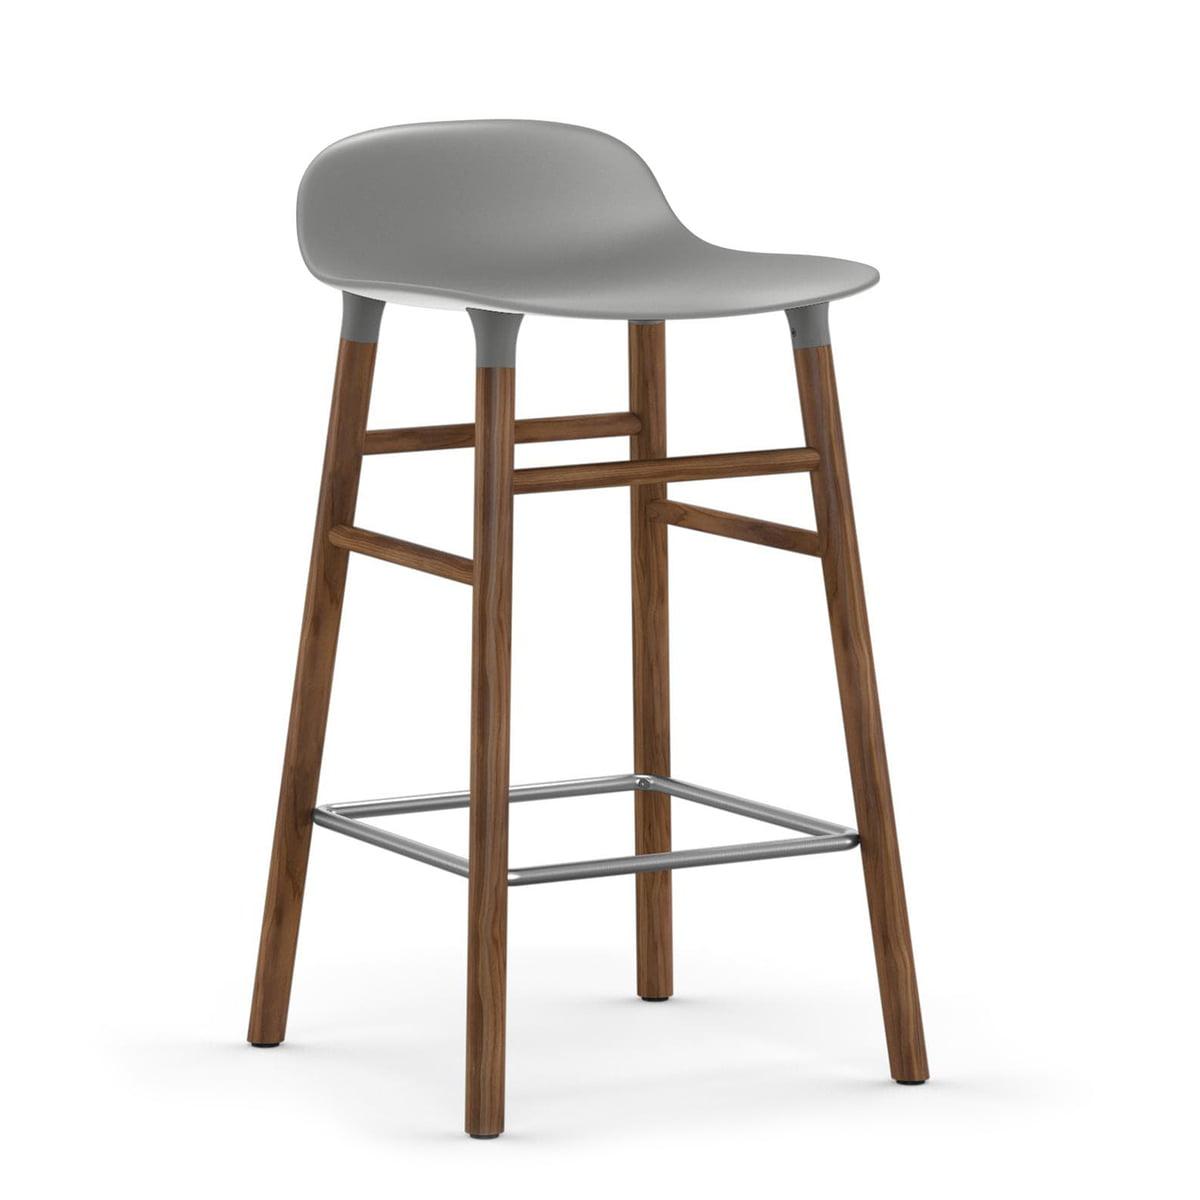 Grau Barhocker online kaufen | Möbel-Suchmaschine | ladendirekt.de